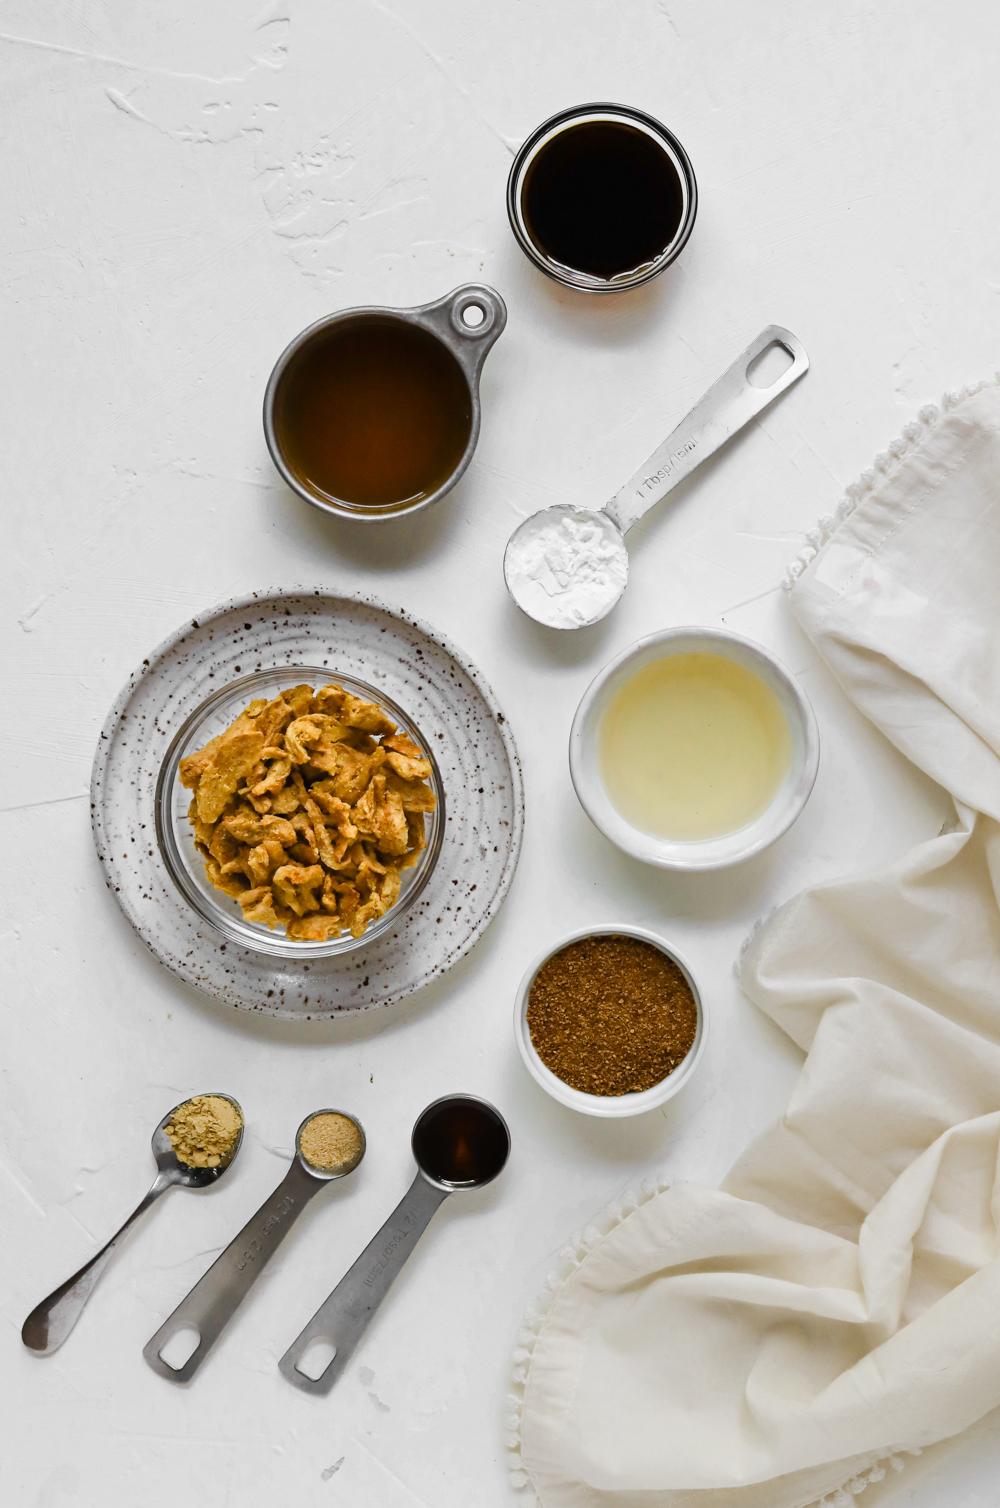 Ingredients to make vegan teriyaki soy curls.